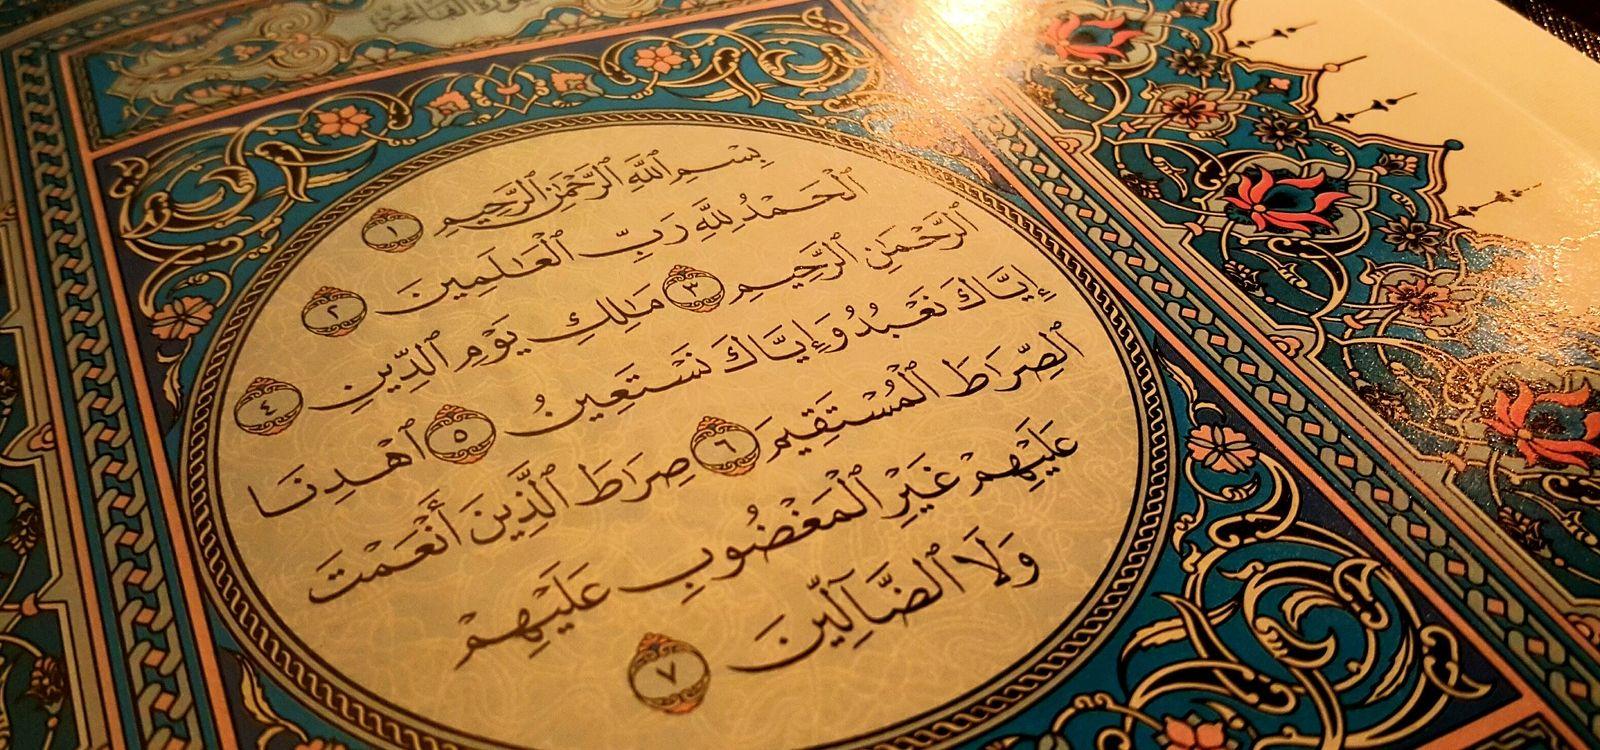 Koran, Quran, Kur'an